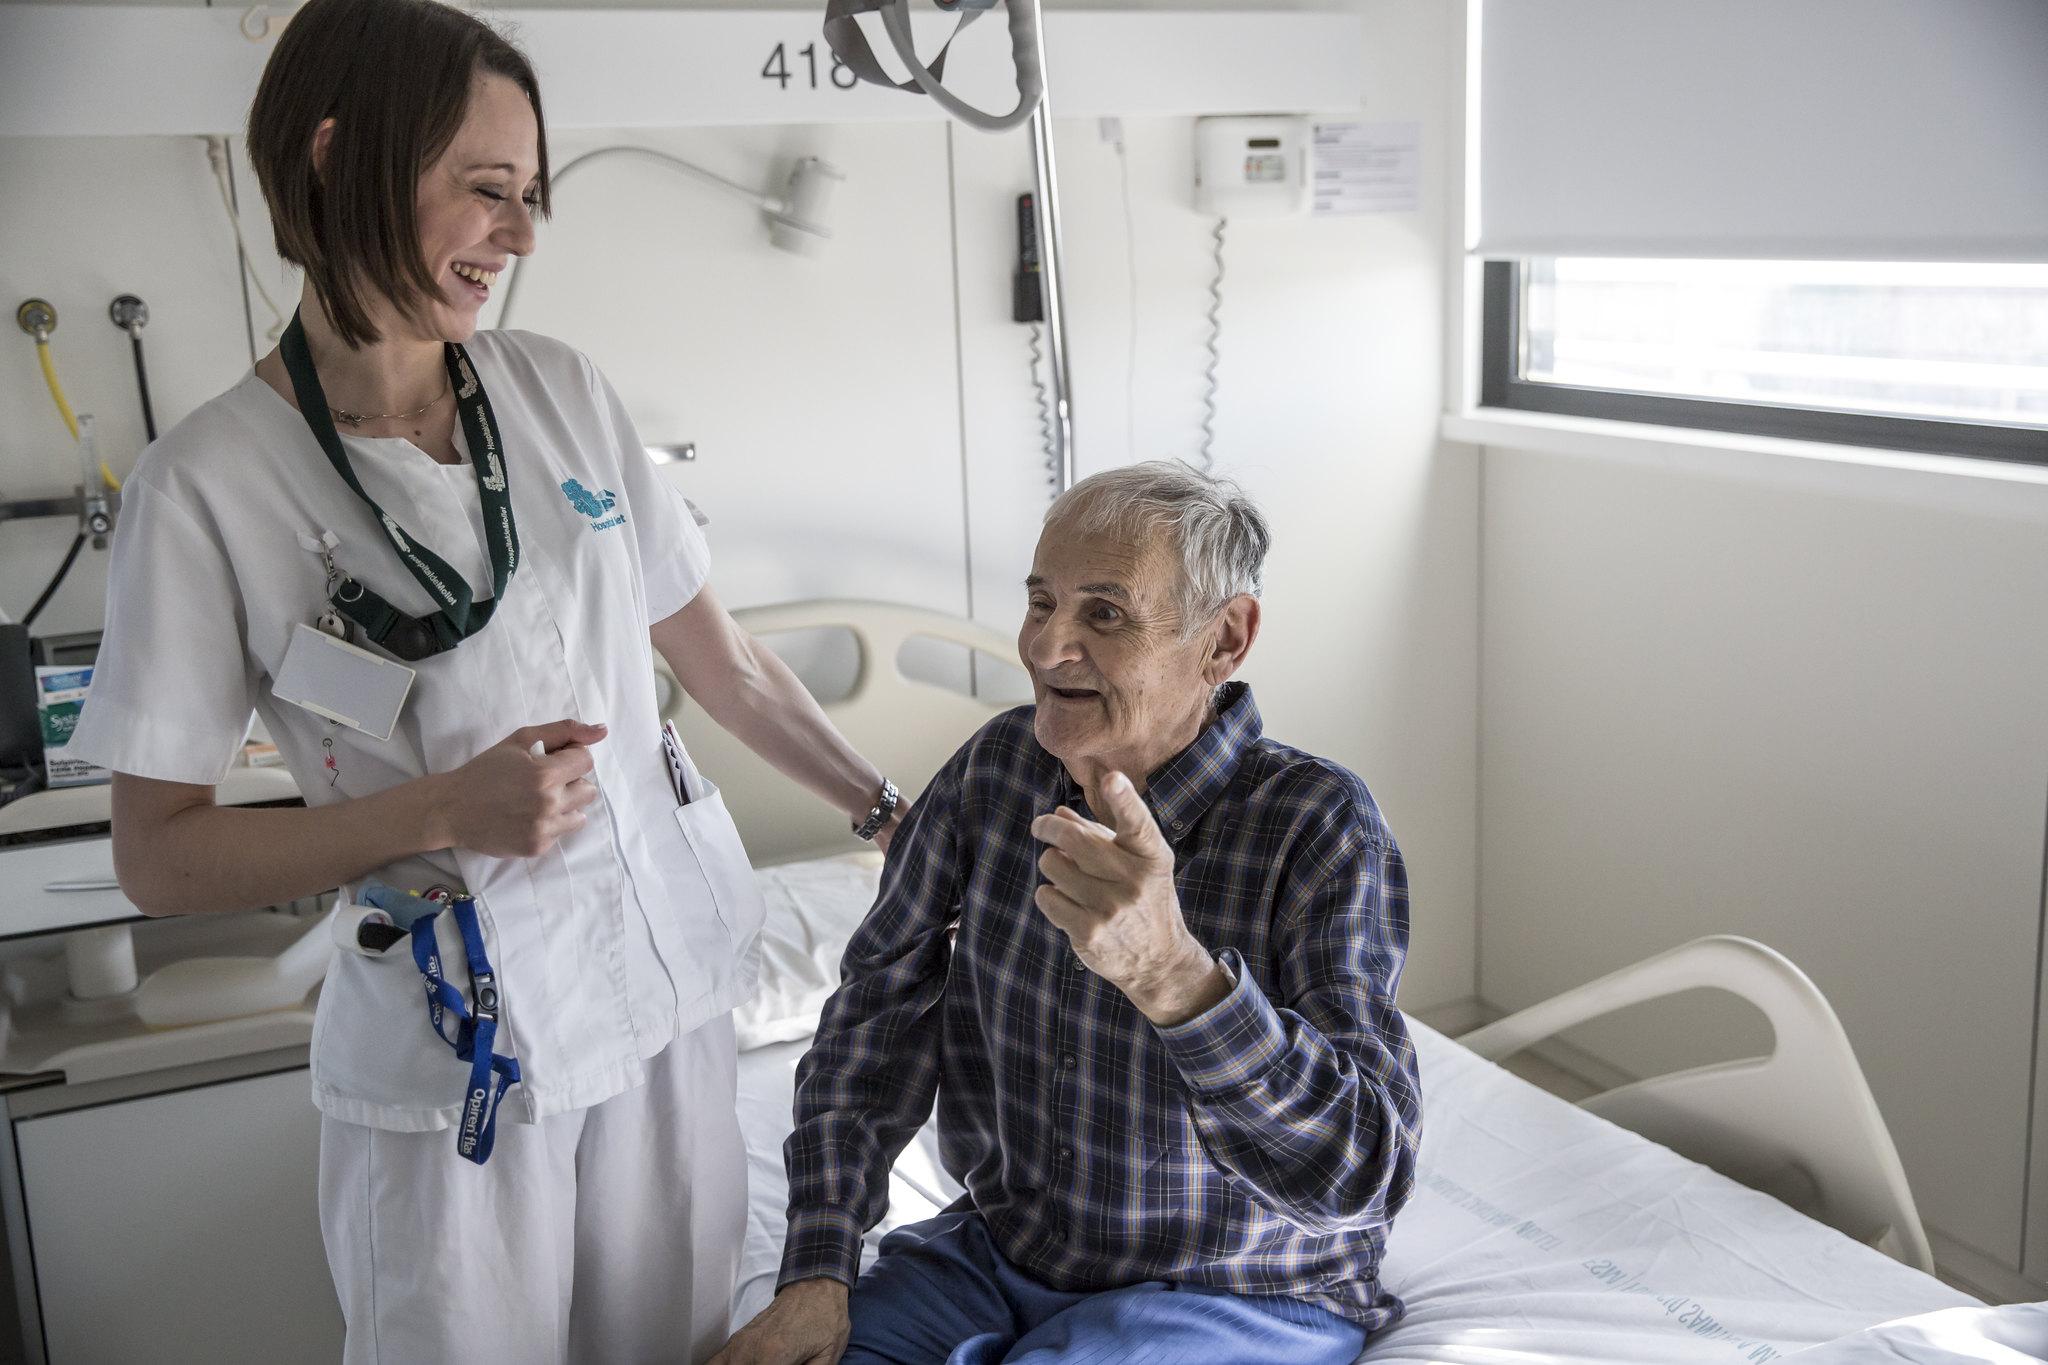 Catalunya té prop de 270 infermeres de pràctica avançada no reconegudes pel sistema de salut